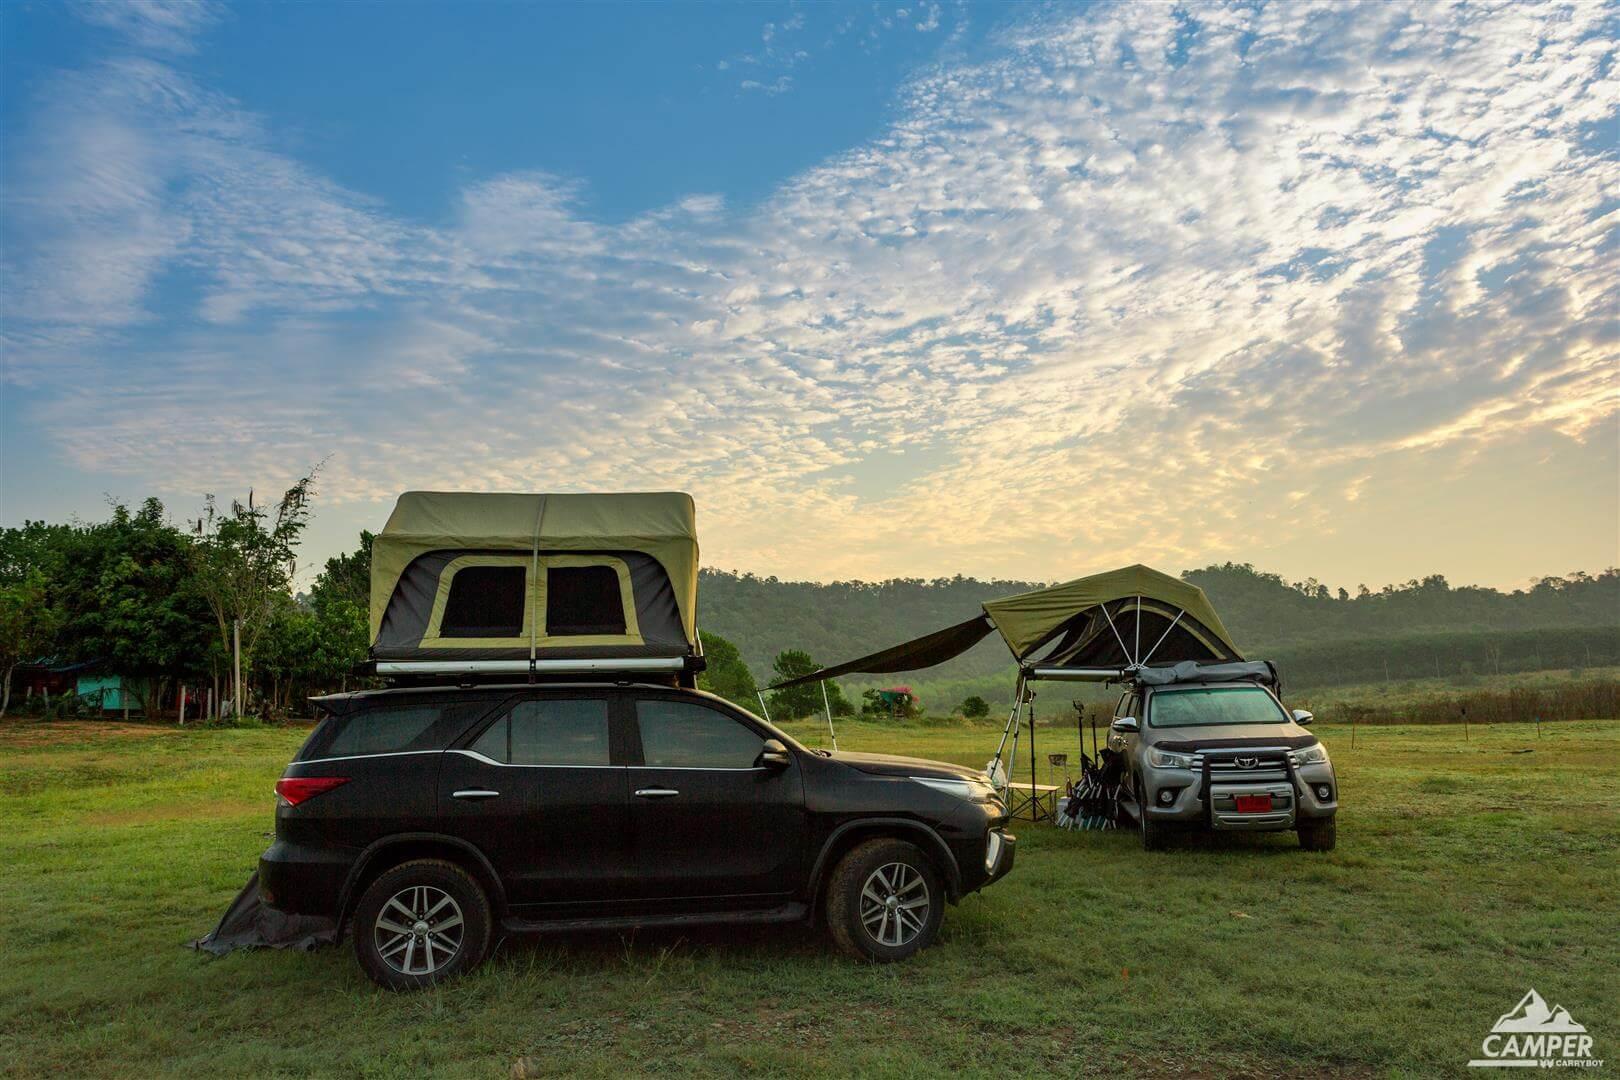 Carryboy Camper Dachzelt für 2 bis 3 Personen für alle Fahrzeuge bequemer und einfacher Aufbau